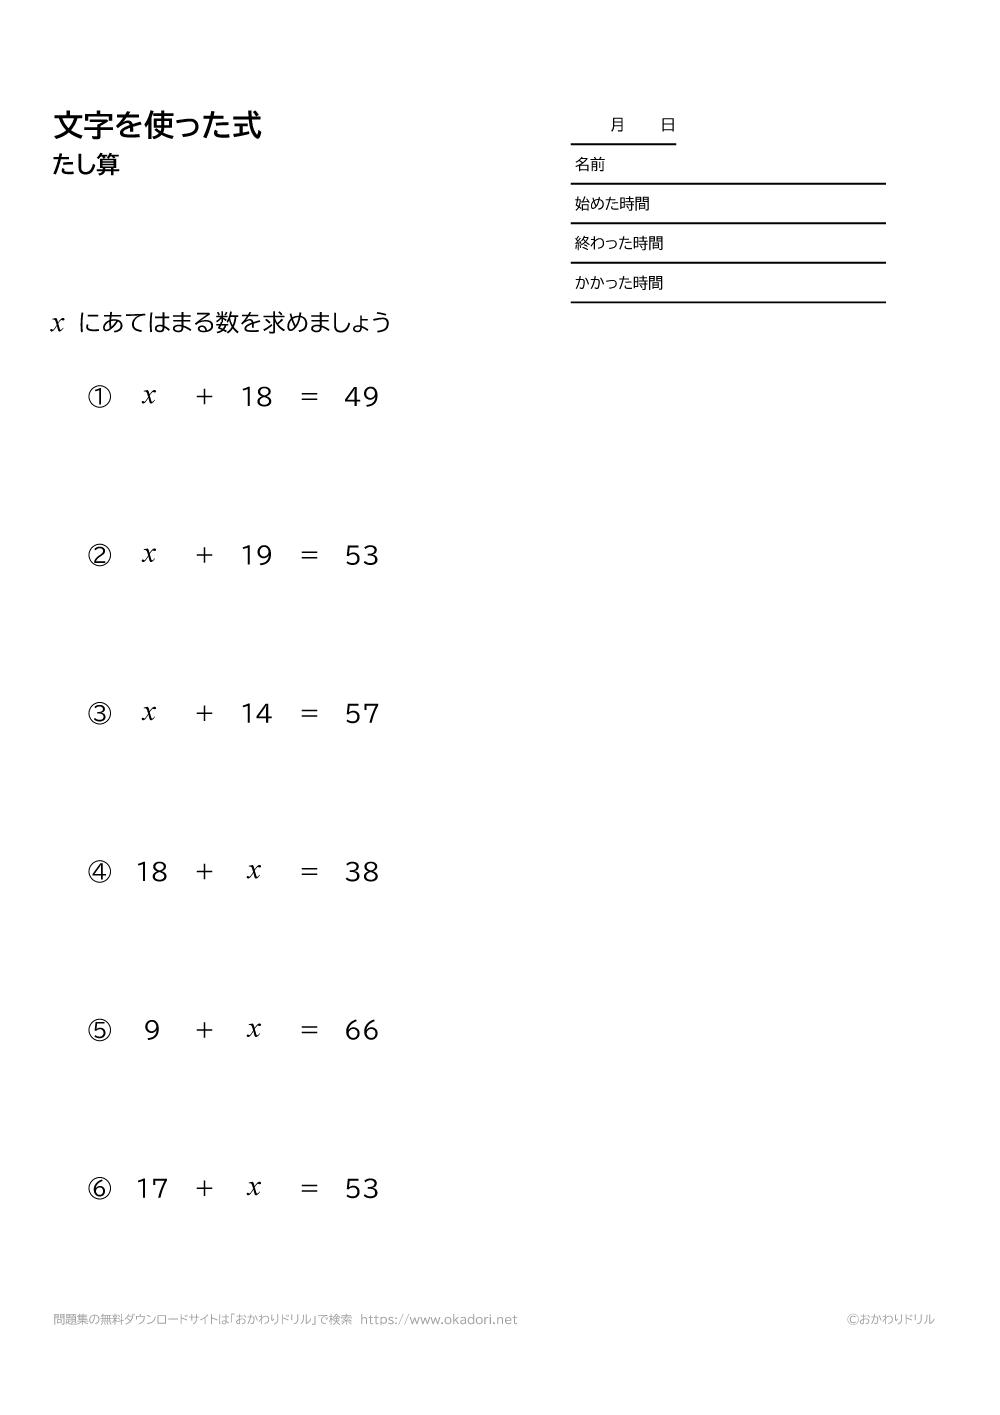 文字を使った式の足し算1